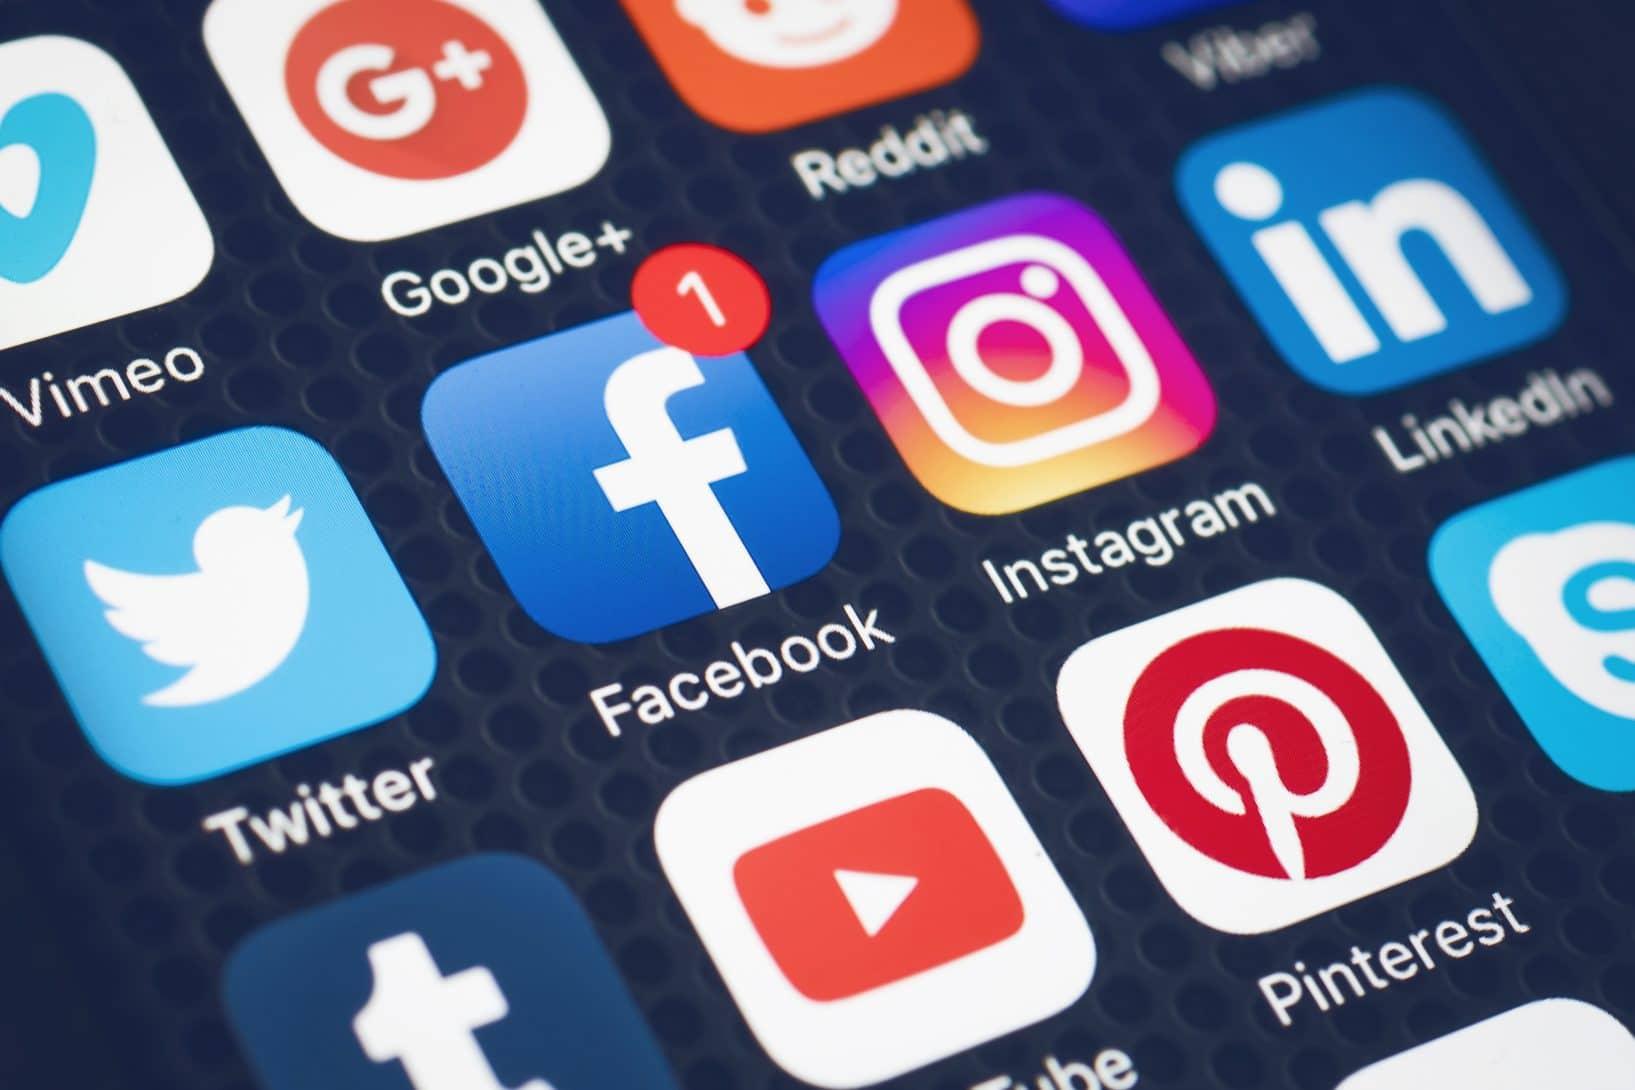 webemy-agence-digitalisée-digital-communication-marketing-ouest-vendee-rennes-nantesvendée etude de marché marketing-market-community-management-gestion-réseaux-sociaux-social-media-digital